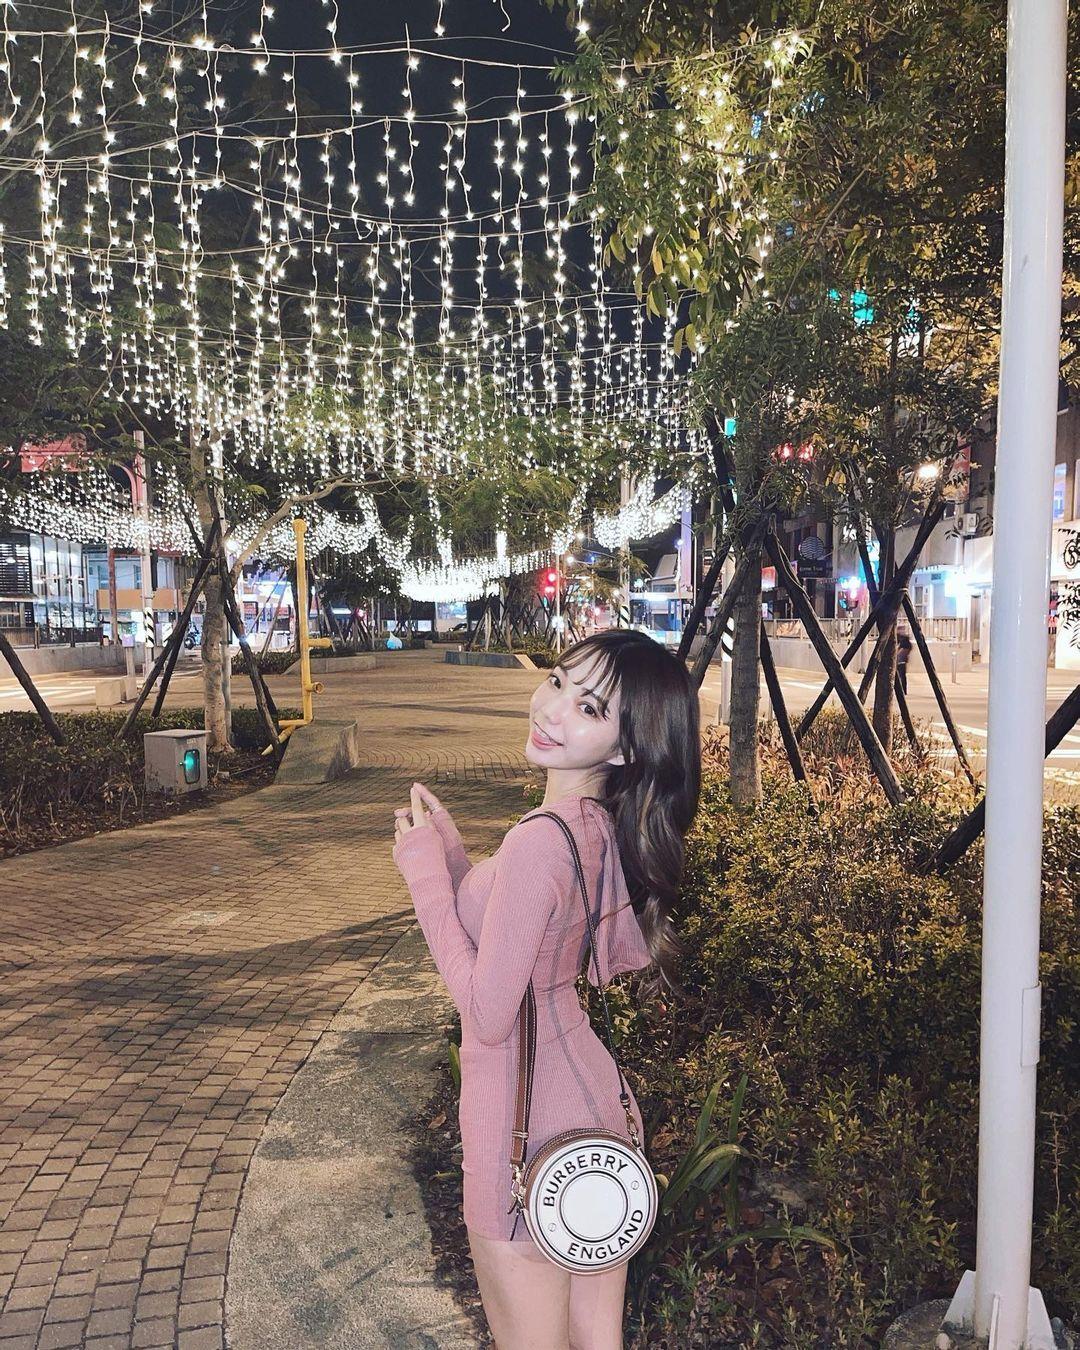 甜美正妹「啾啾」自制酒精湿巾做公益,人美心善粉丝推爆!-新图包